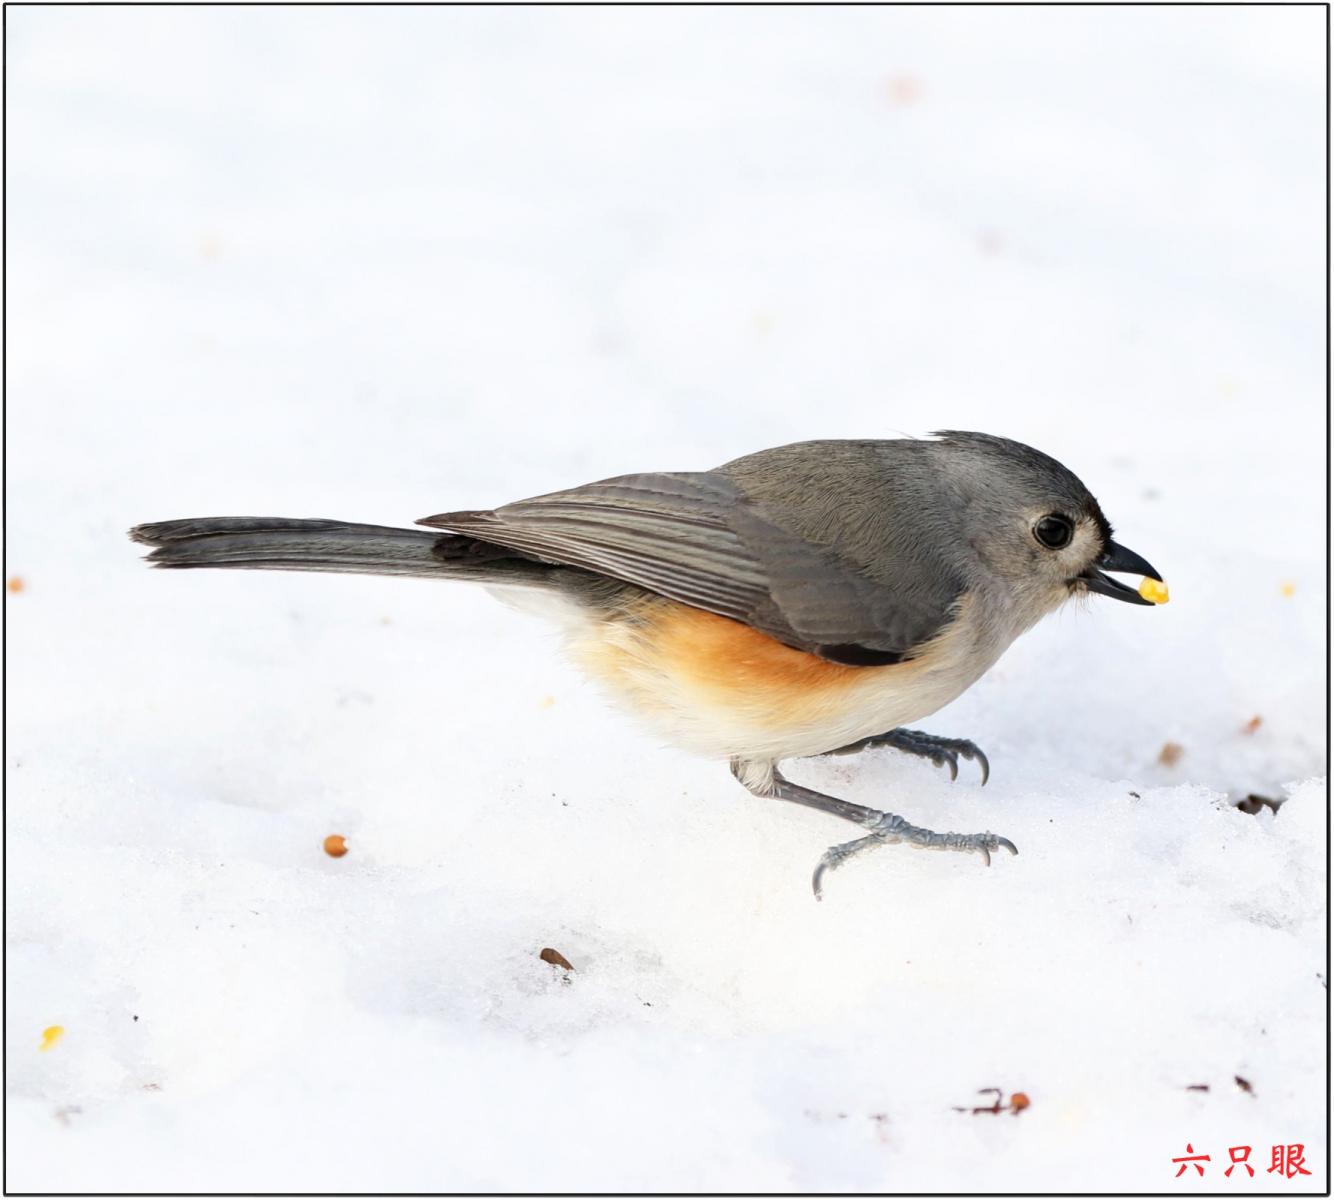 六只眼:雪中小鸟觅食忙_图1-5